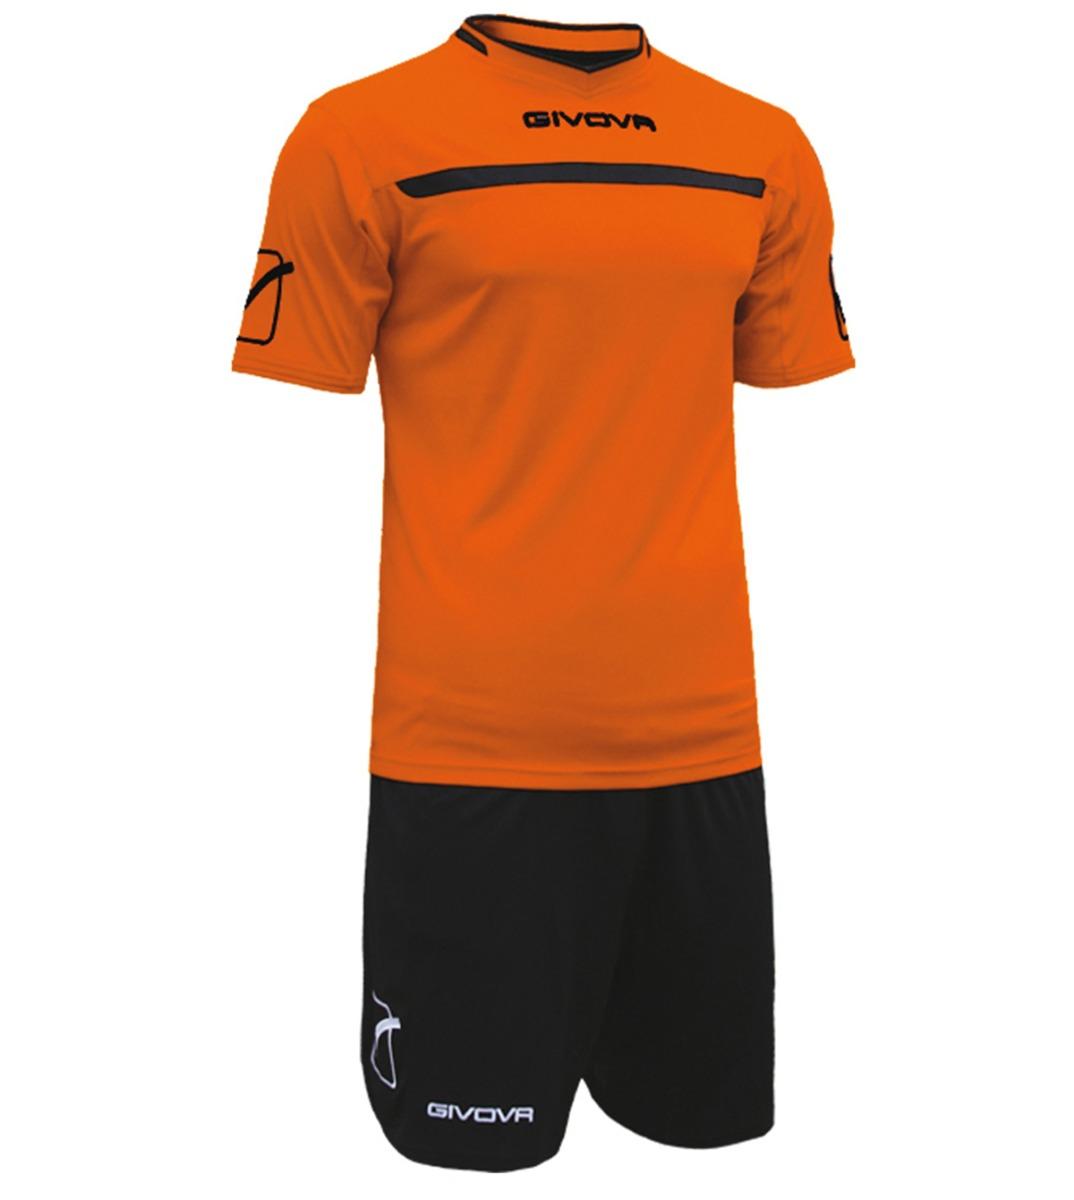 Acquista A Buon Mercato Kit One Calcio Givova Uomo Sport Abbigliamento Sportivo Calcistico Giosal